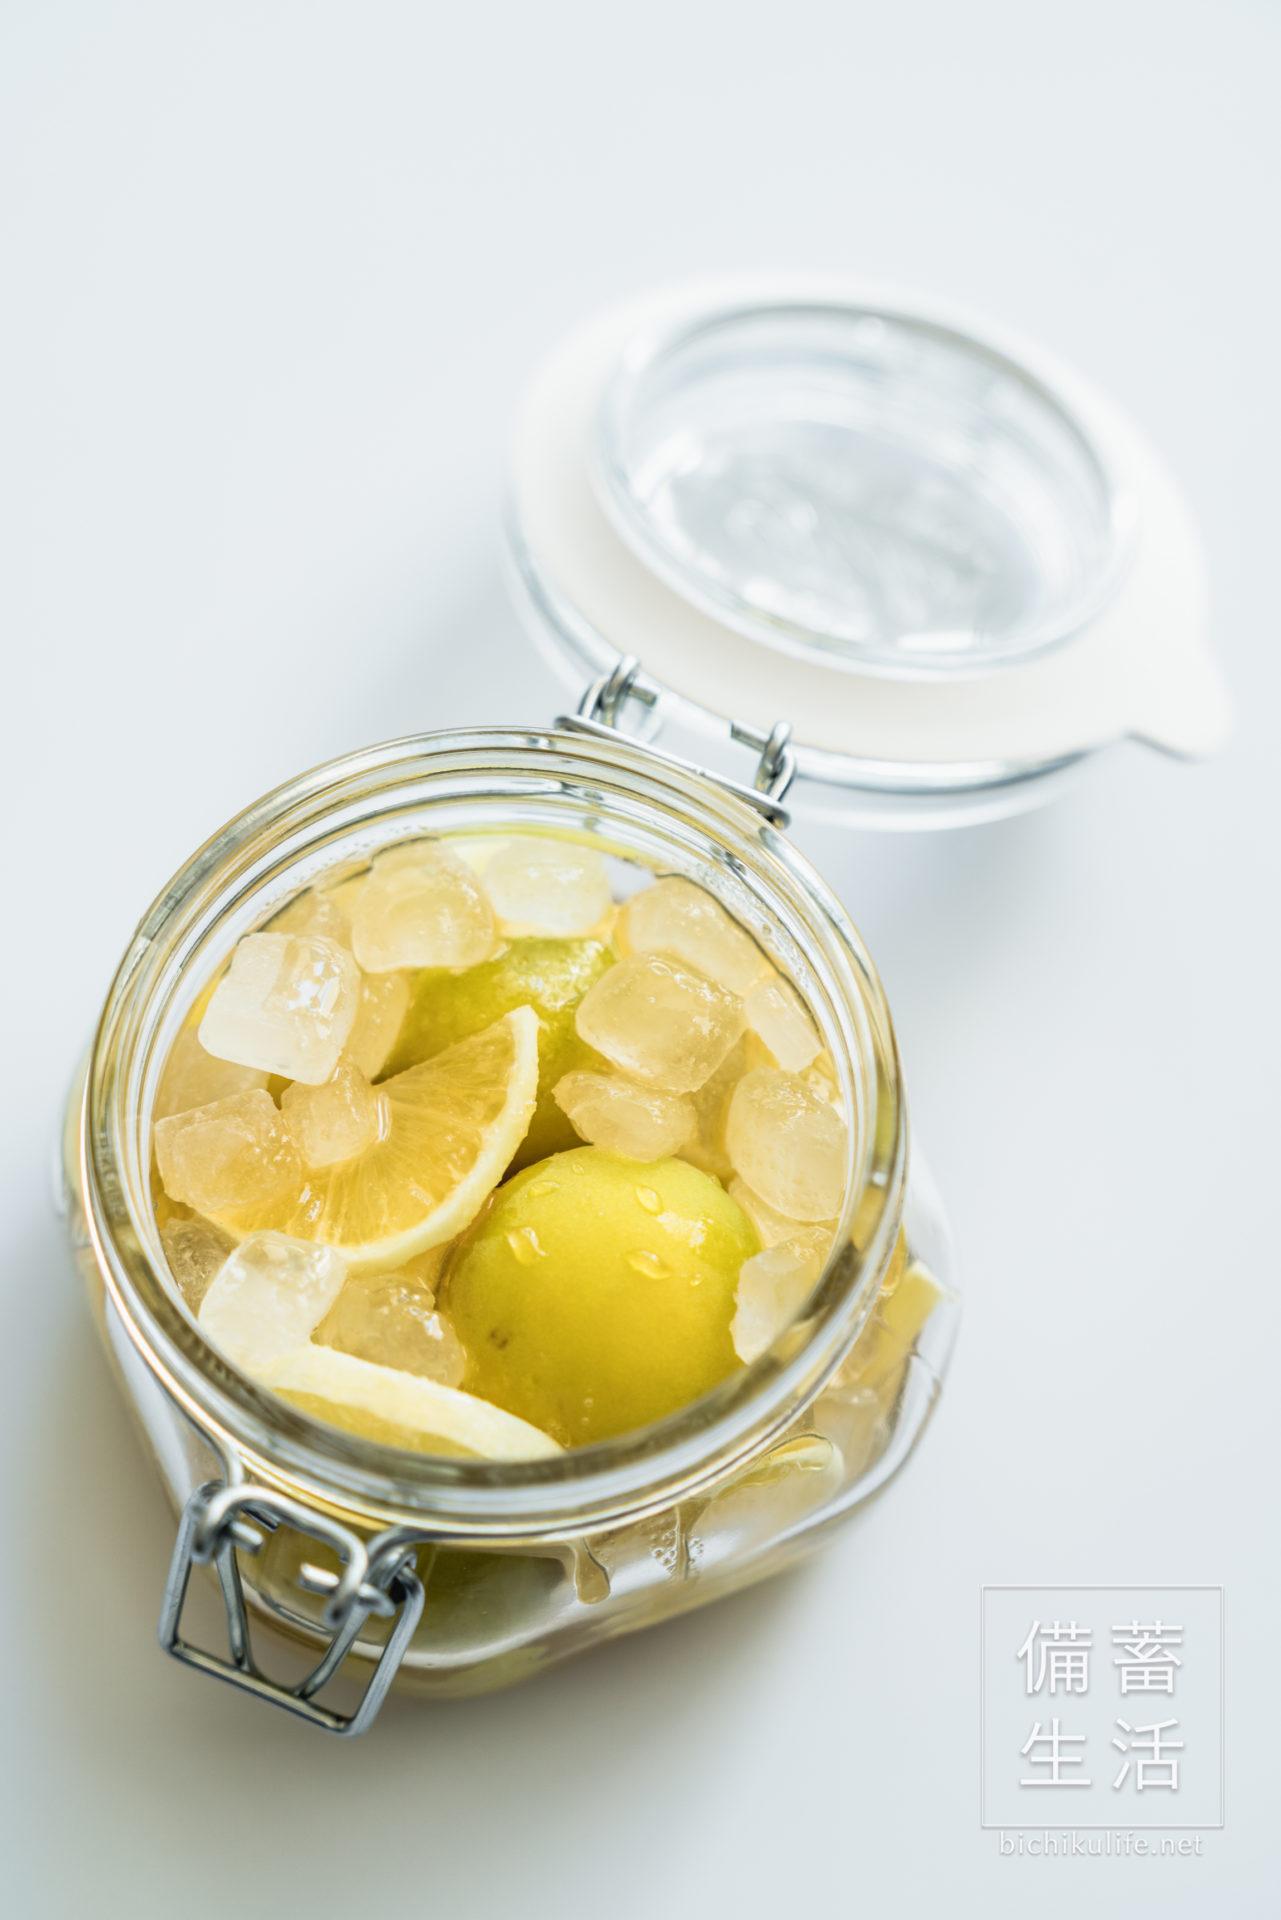 梅シロップ はちみつレモンのレシピ